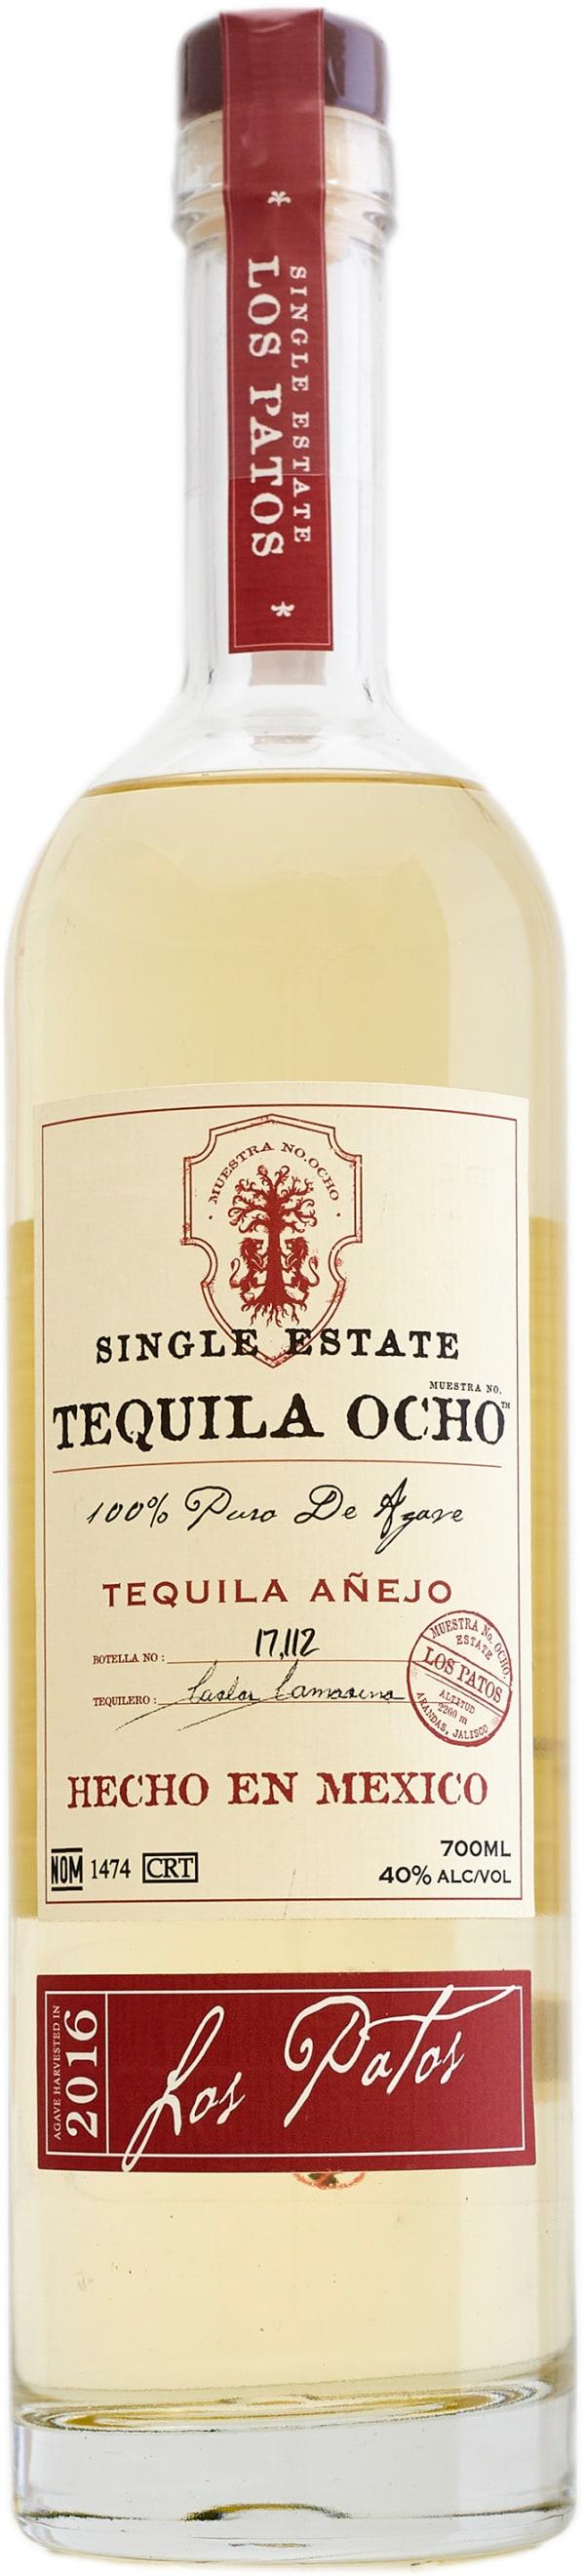 Ocho Añejo Los Patos Tequila 2016